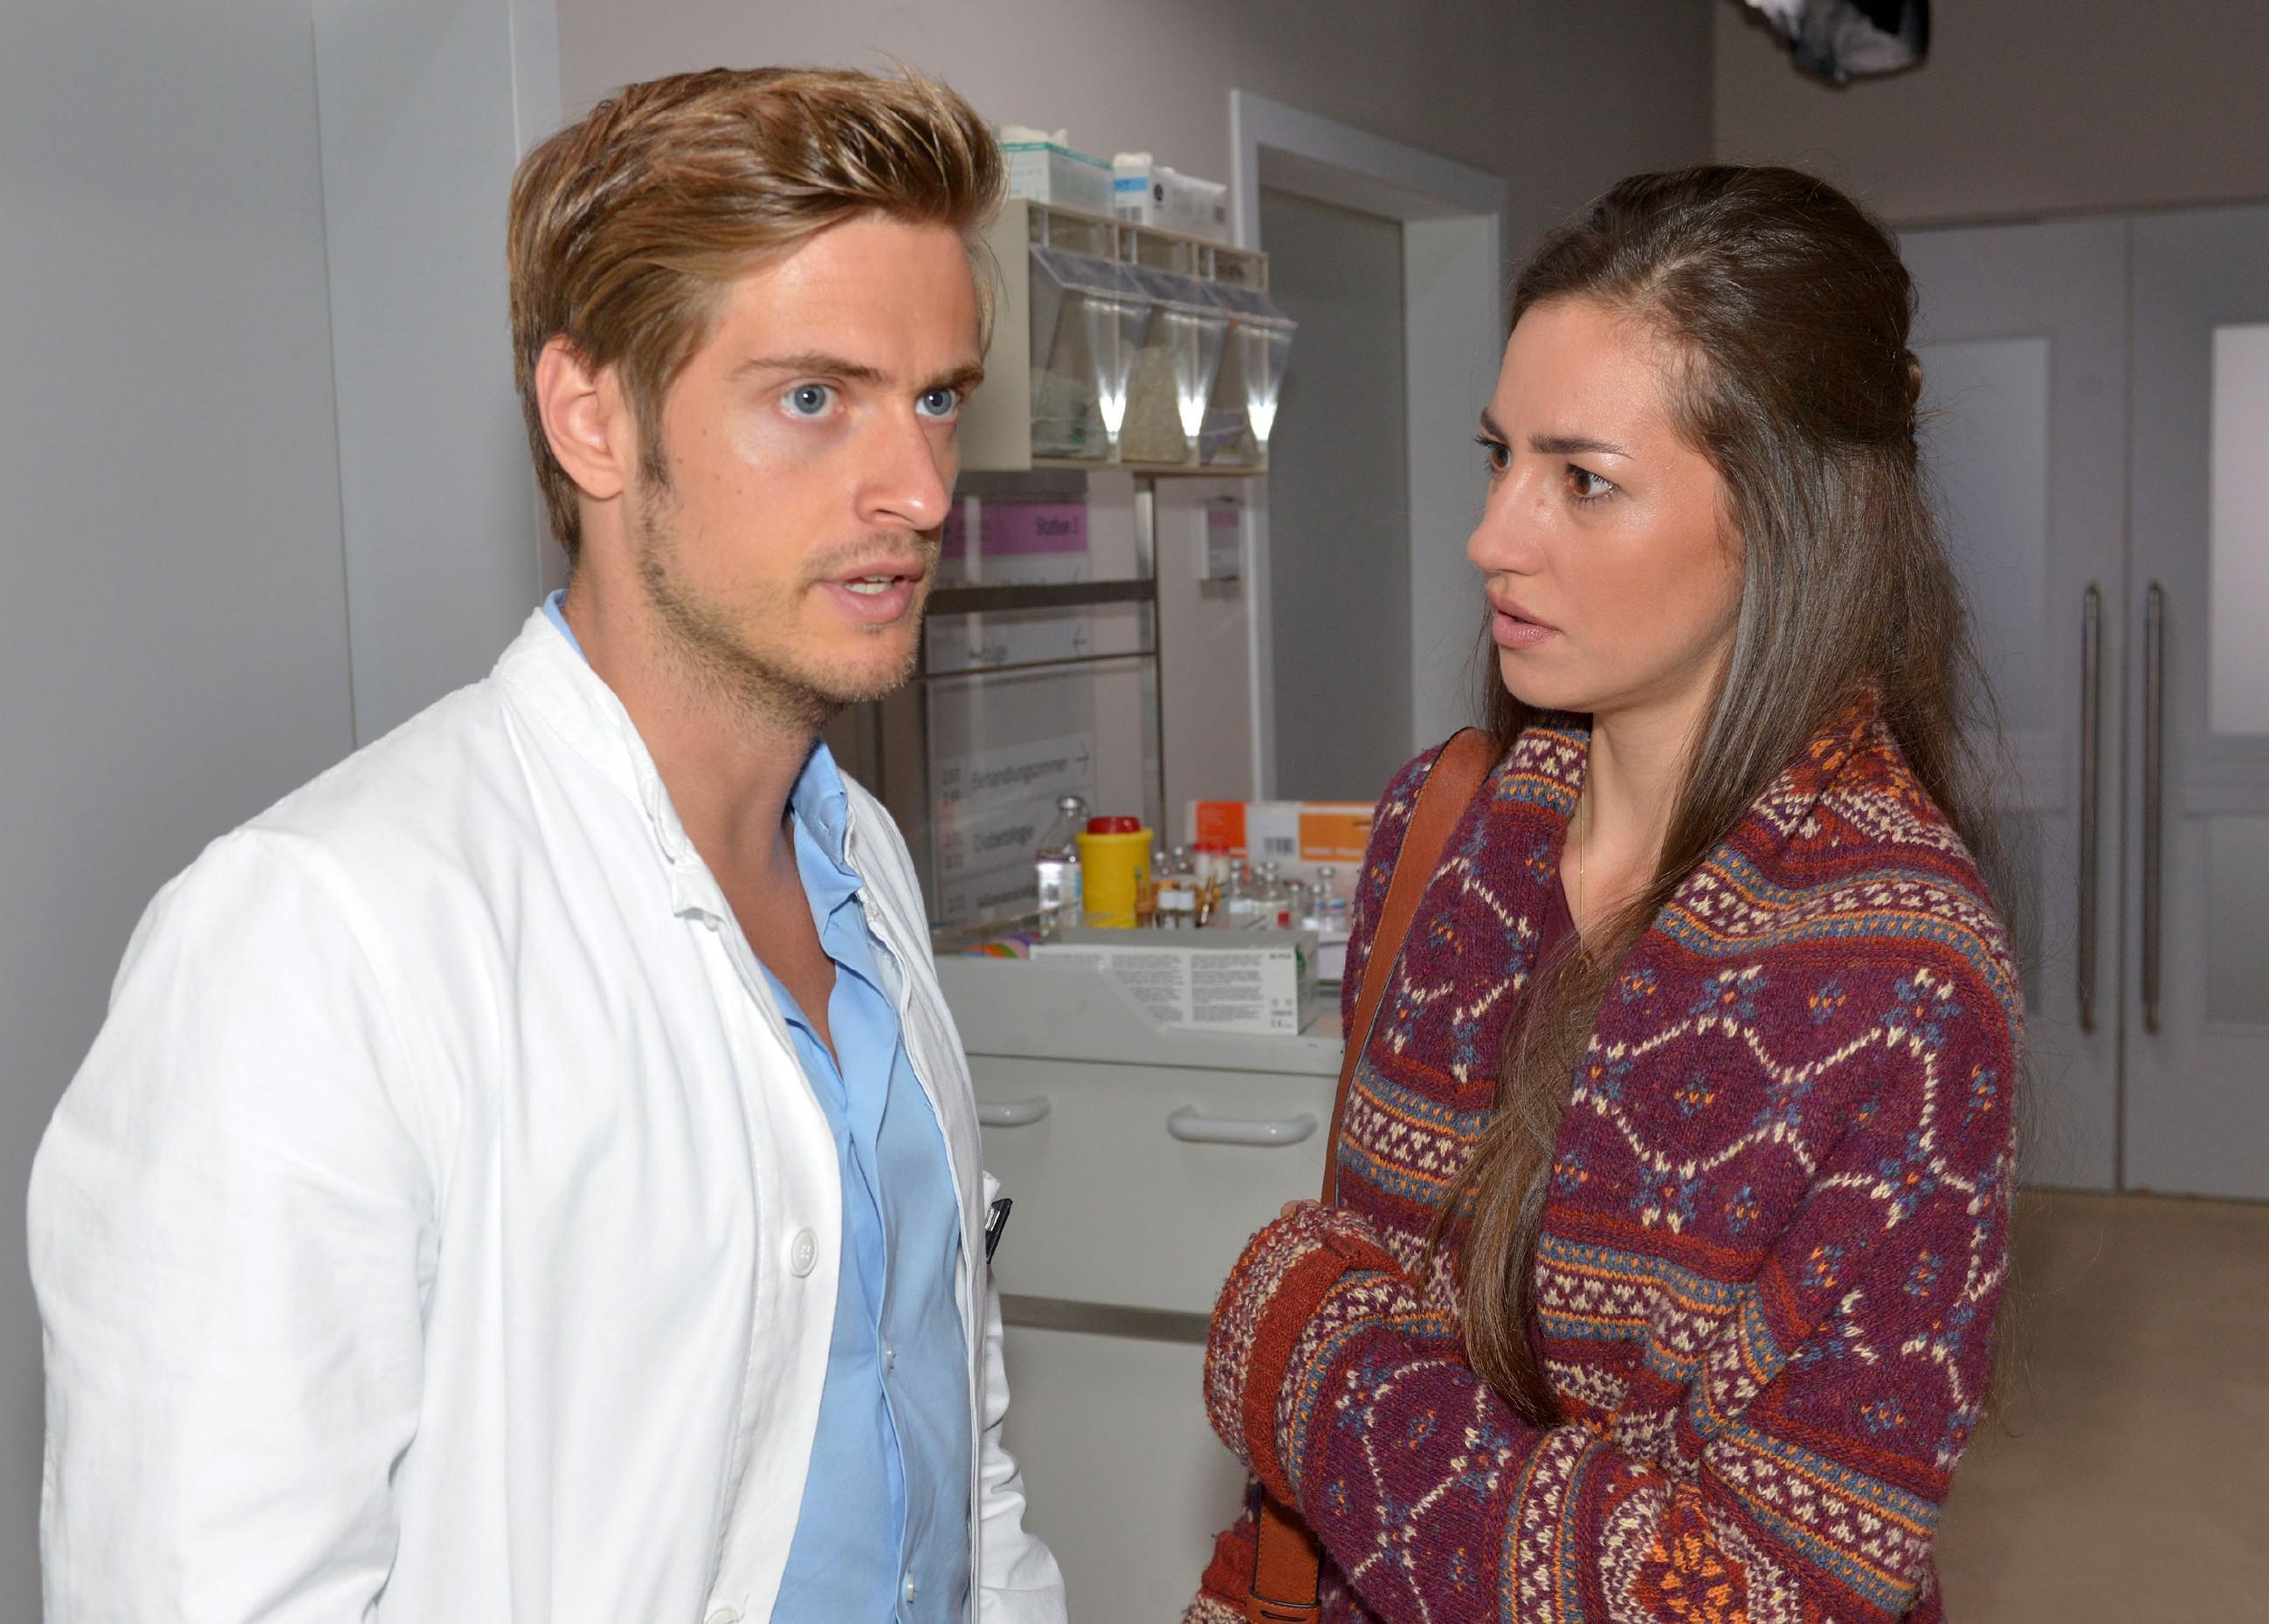 Als Elena (Elena Garcia Gerlach) bei John weitere Anzeichen für eine mögliche Erkrankung entdeckt, sucht sie Philip (Jörn Schlönvoigt) im Krankenhaus auf, um sich mit ihm zu beraten. (Quelle: RTL / Rolf Baumgartner)